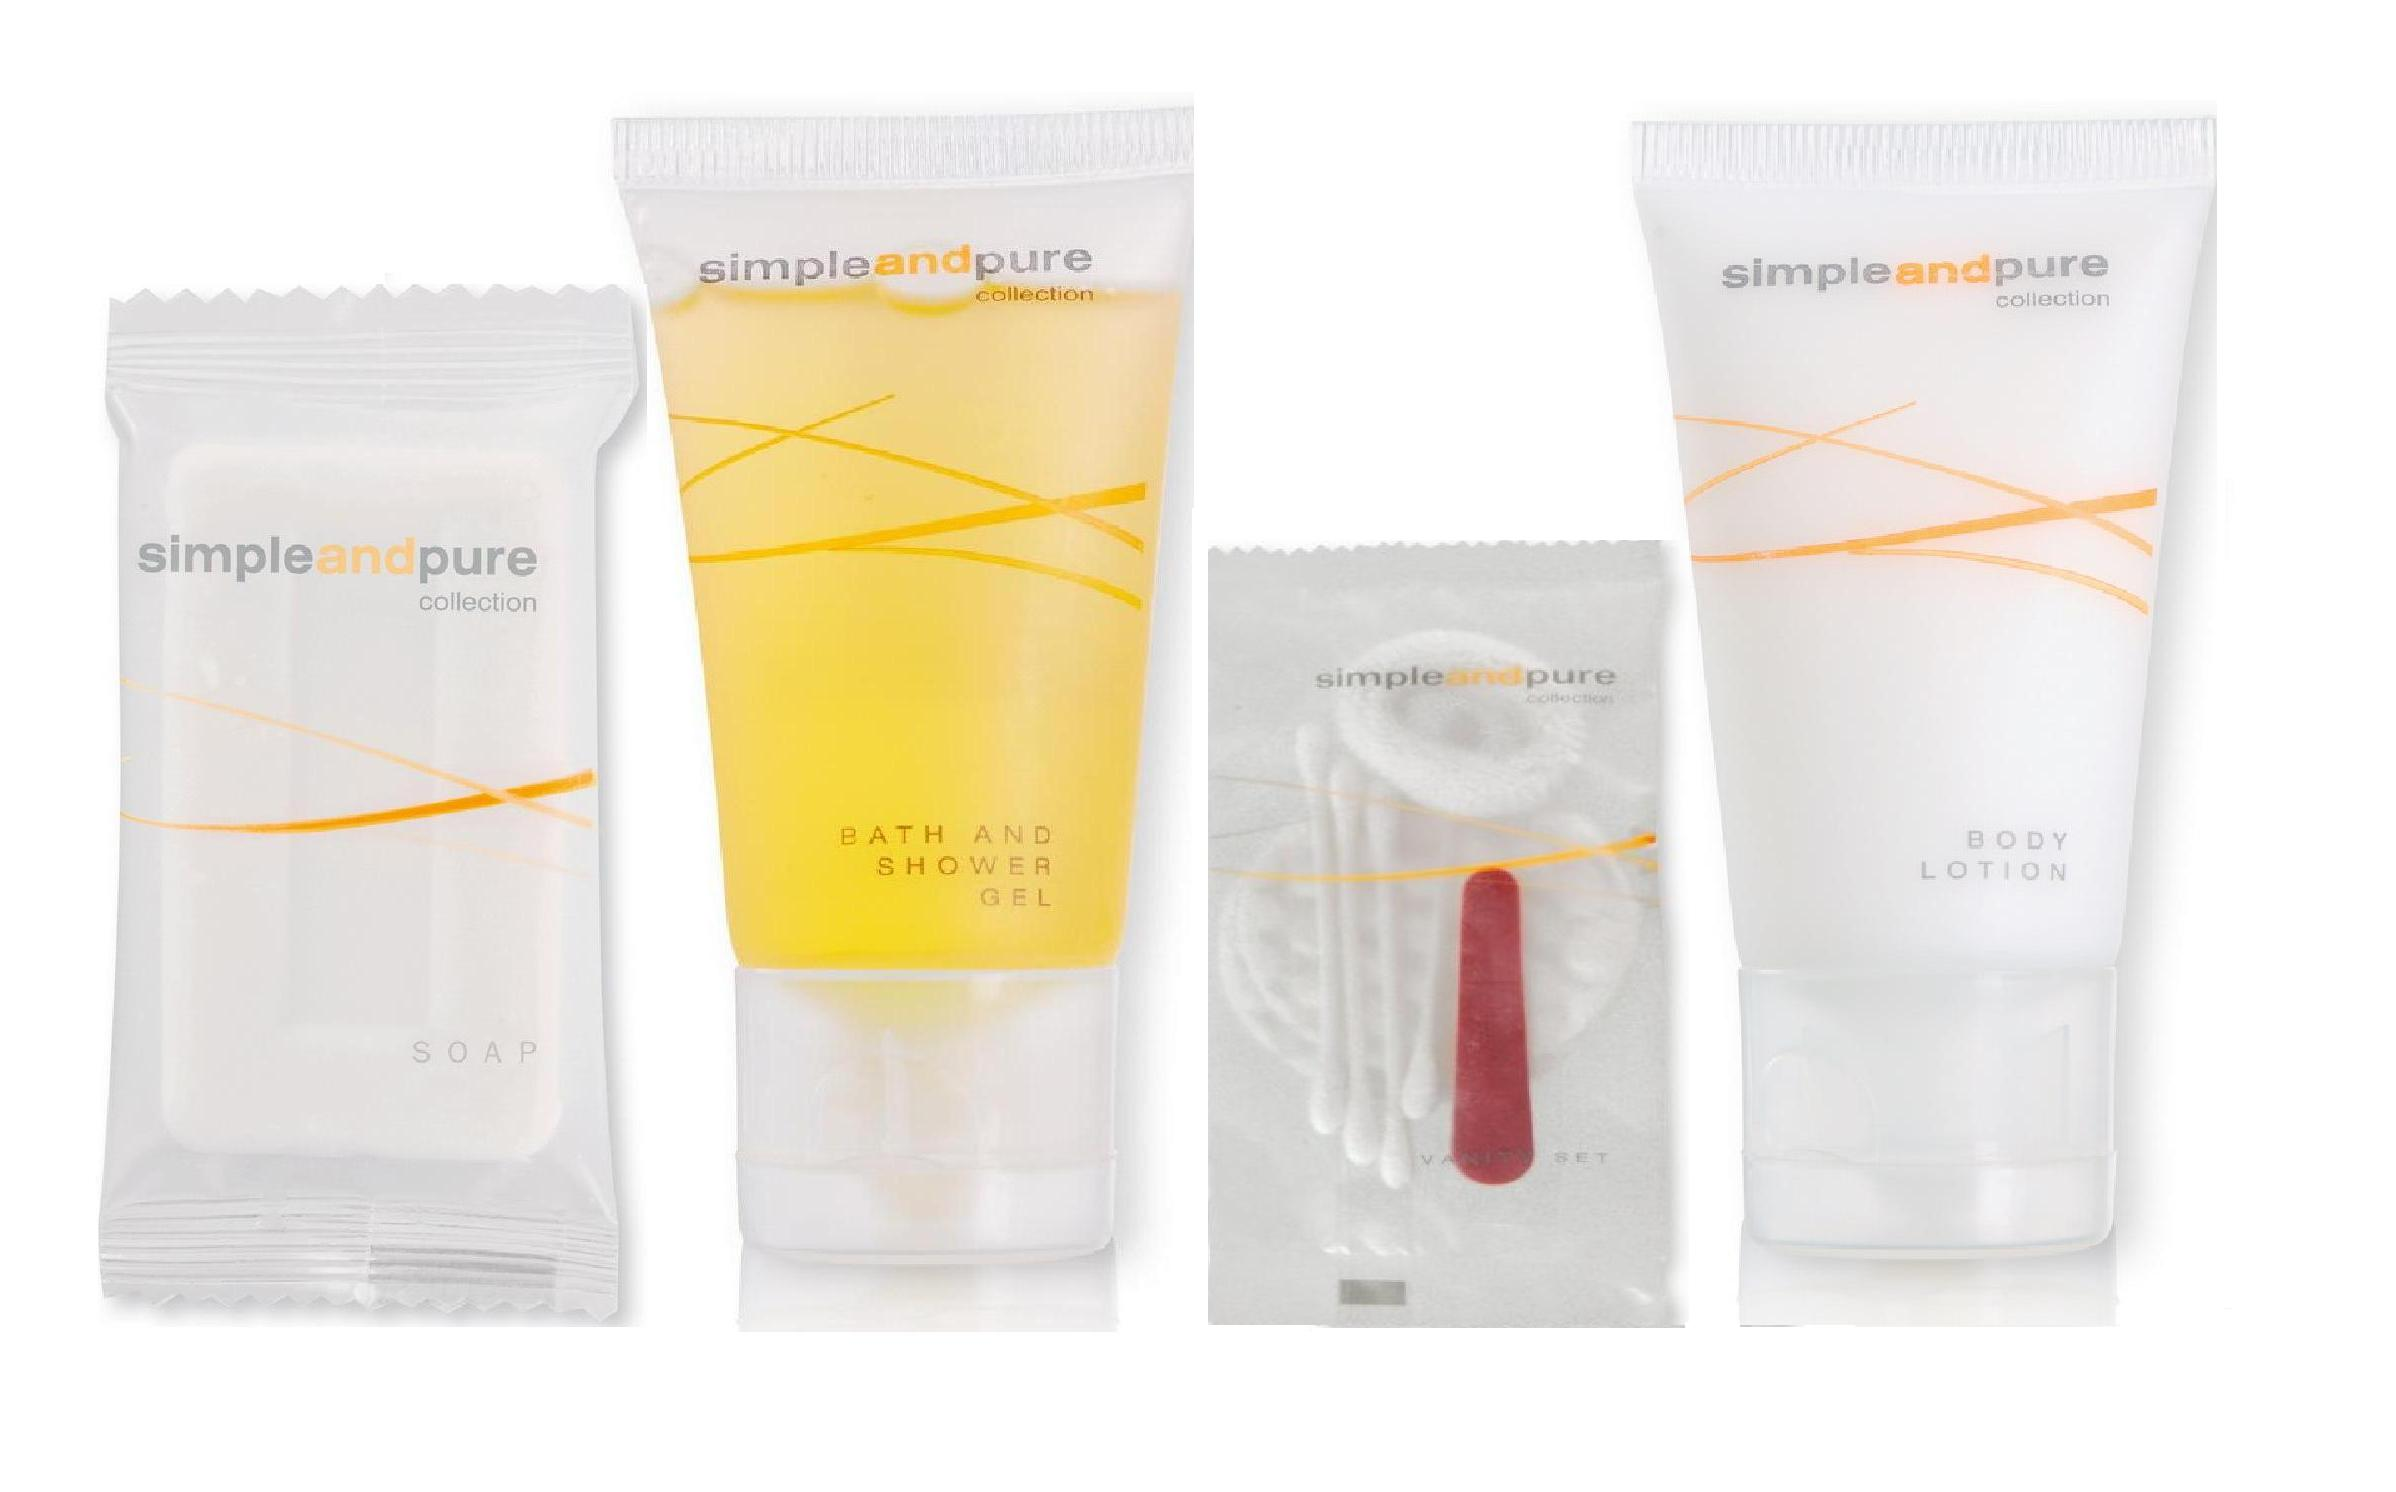 Sestava hotelové kosmetiky - mýdlo 30g + šampon 30 ml + tělové mléko 40 ml + hygienický set, 250 ks